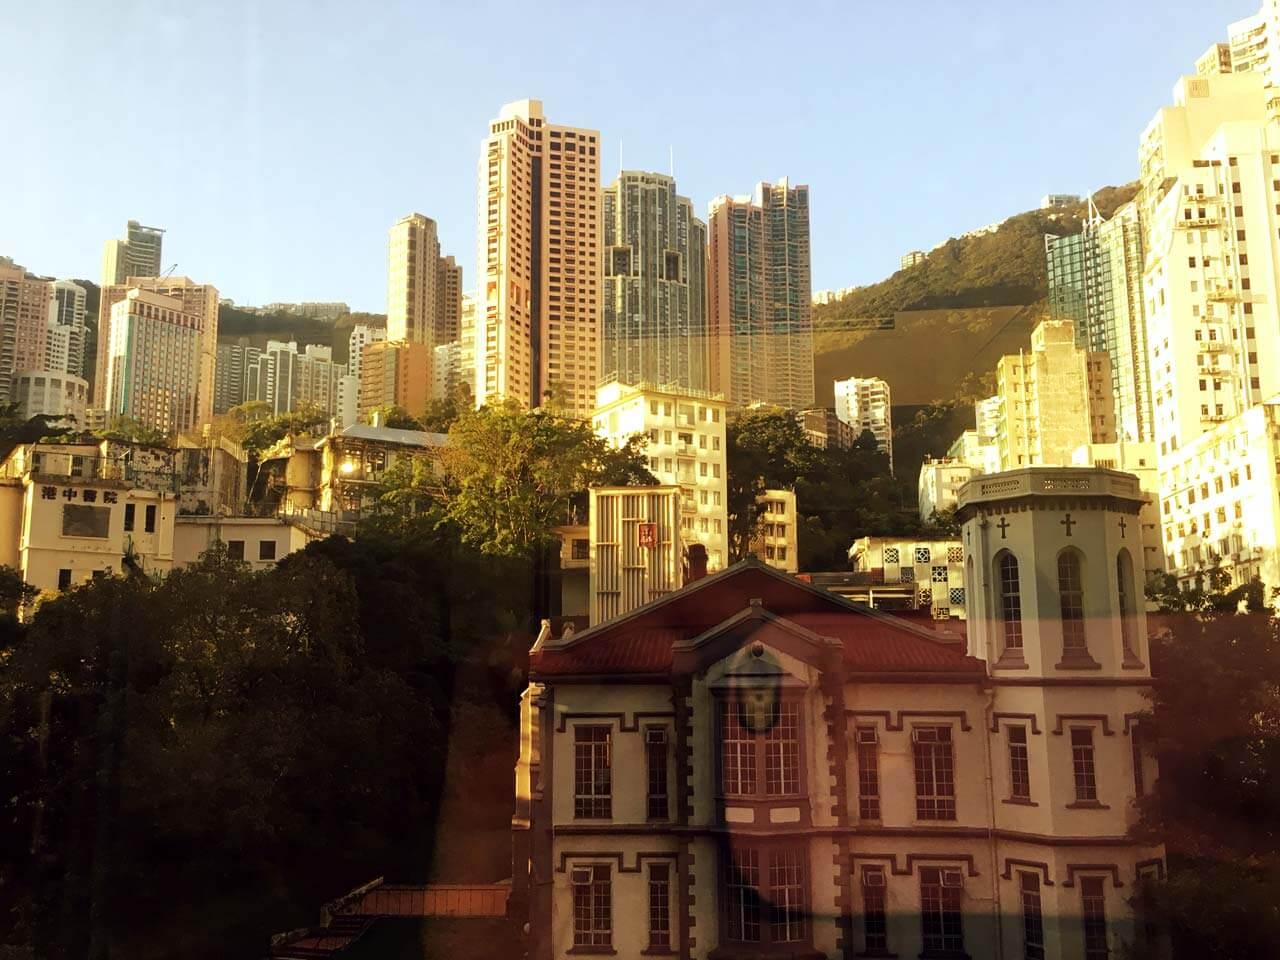 香港 あなたはどこへ向かうのか 1ヘッダー画像